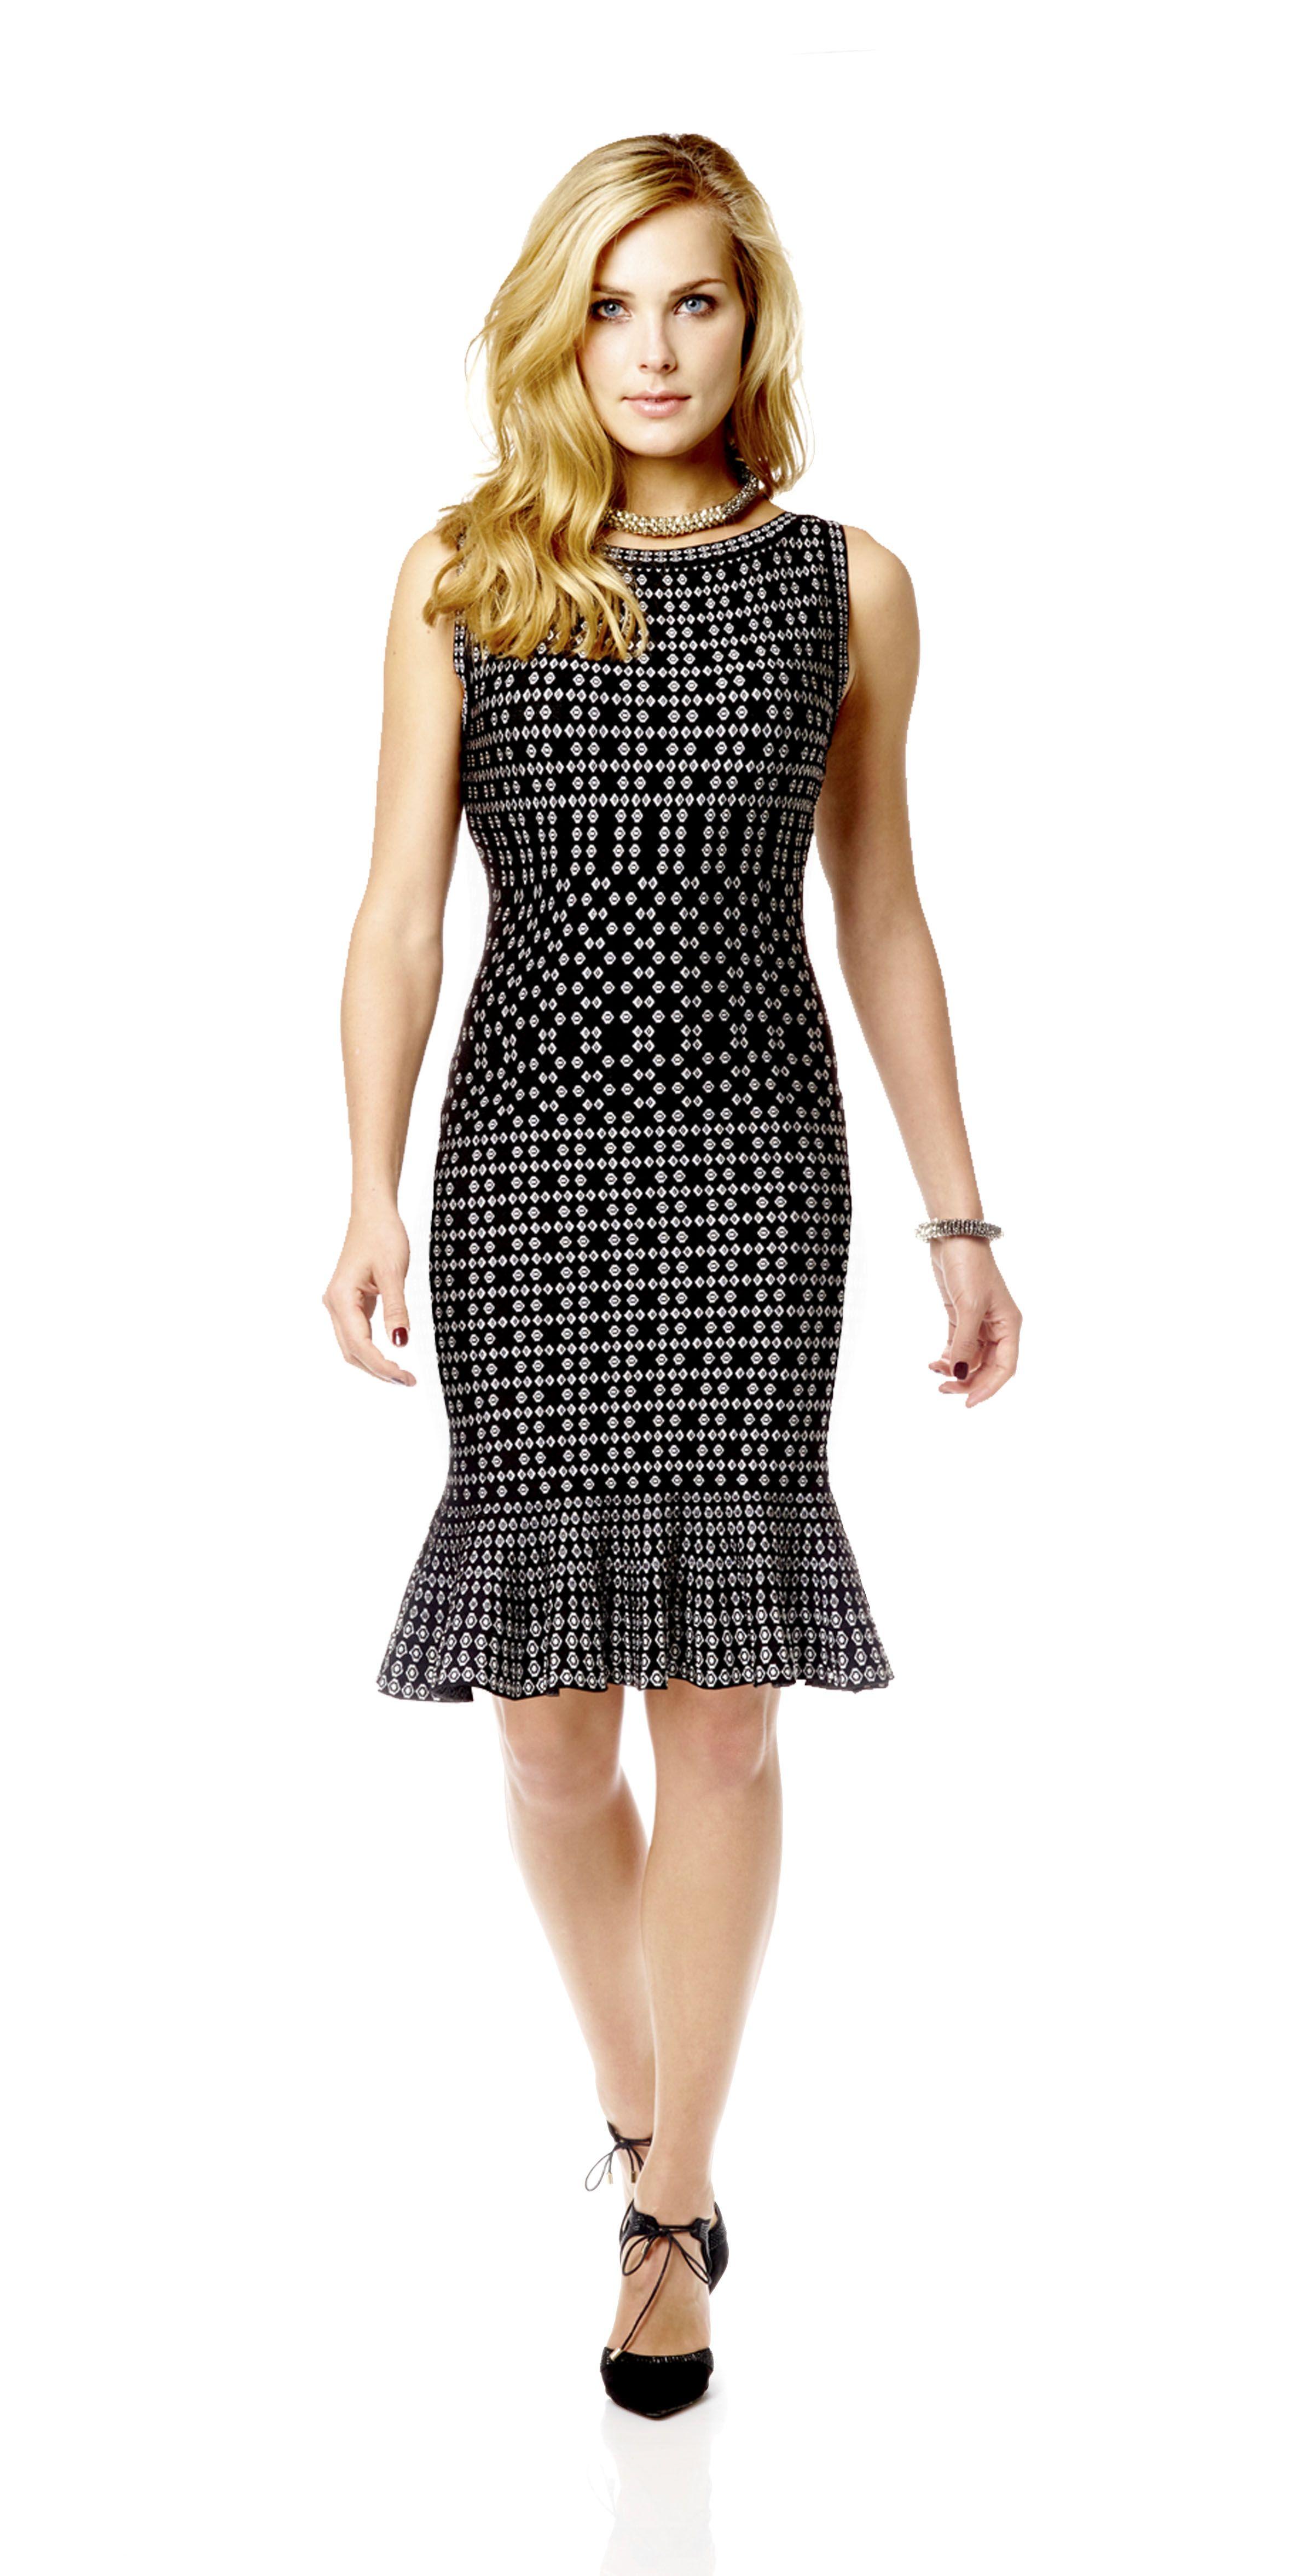 premium selection bda4a 30717 Wow - super schickes Kleid der Festmoden Kollektion von Tia ...